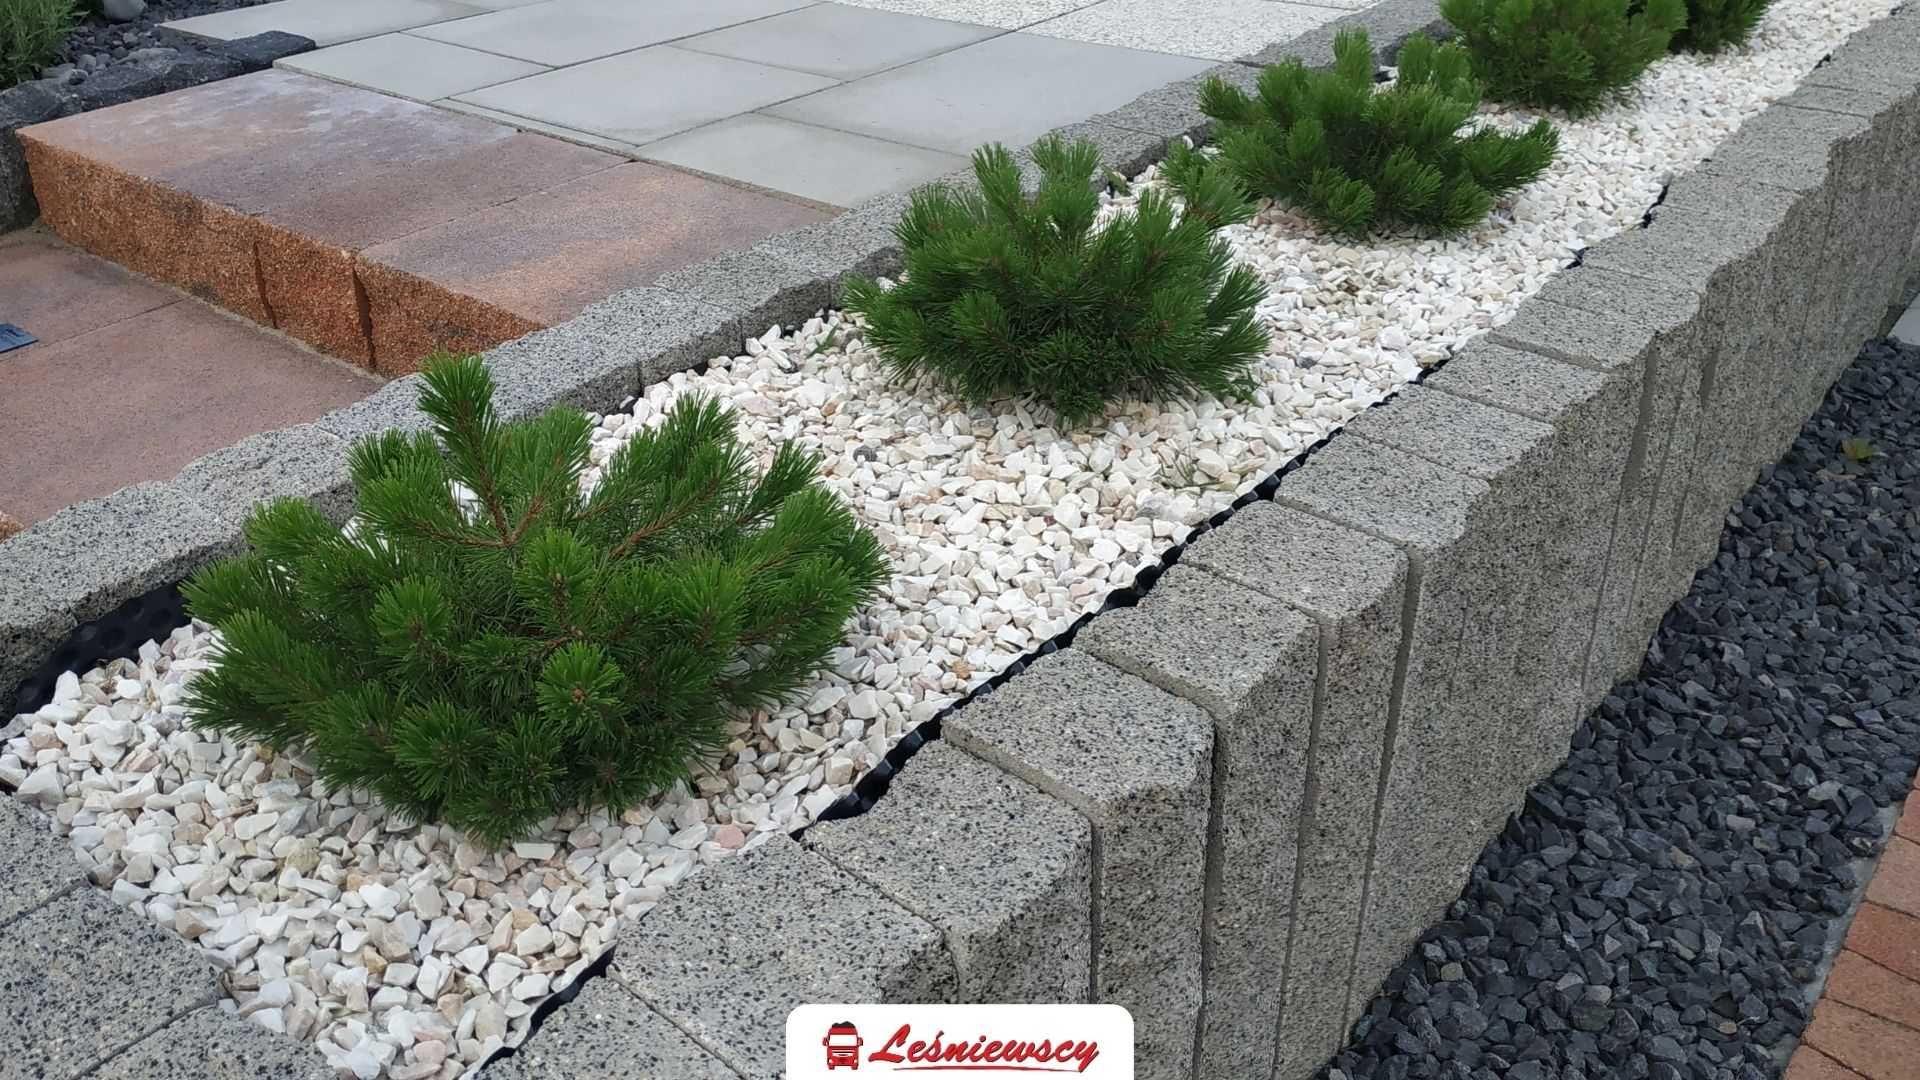 Kamień ozdobny ogrodowy BIAŁA MARIANNA 8-16mm jasny kamień transport